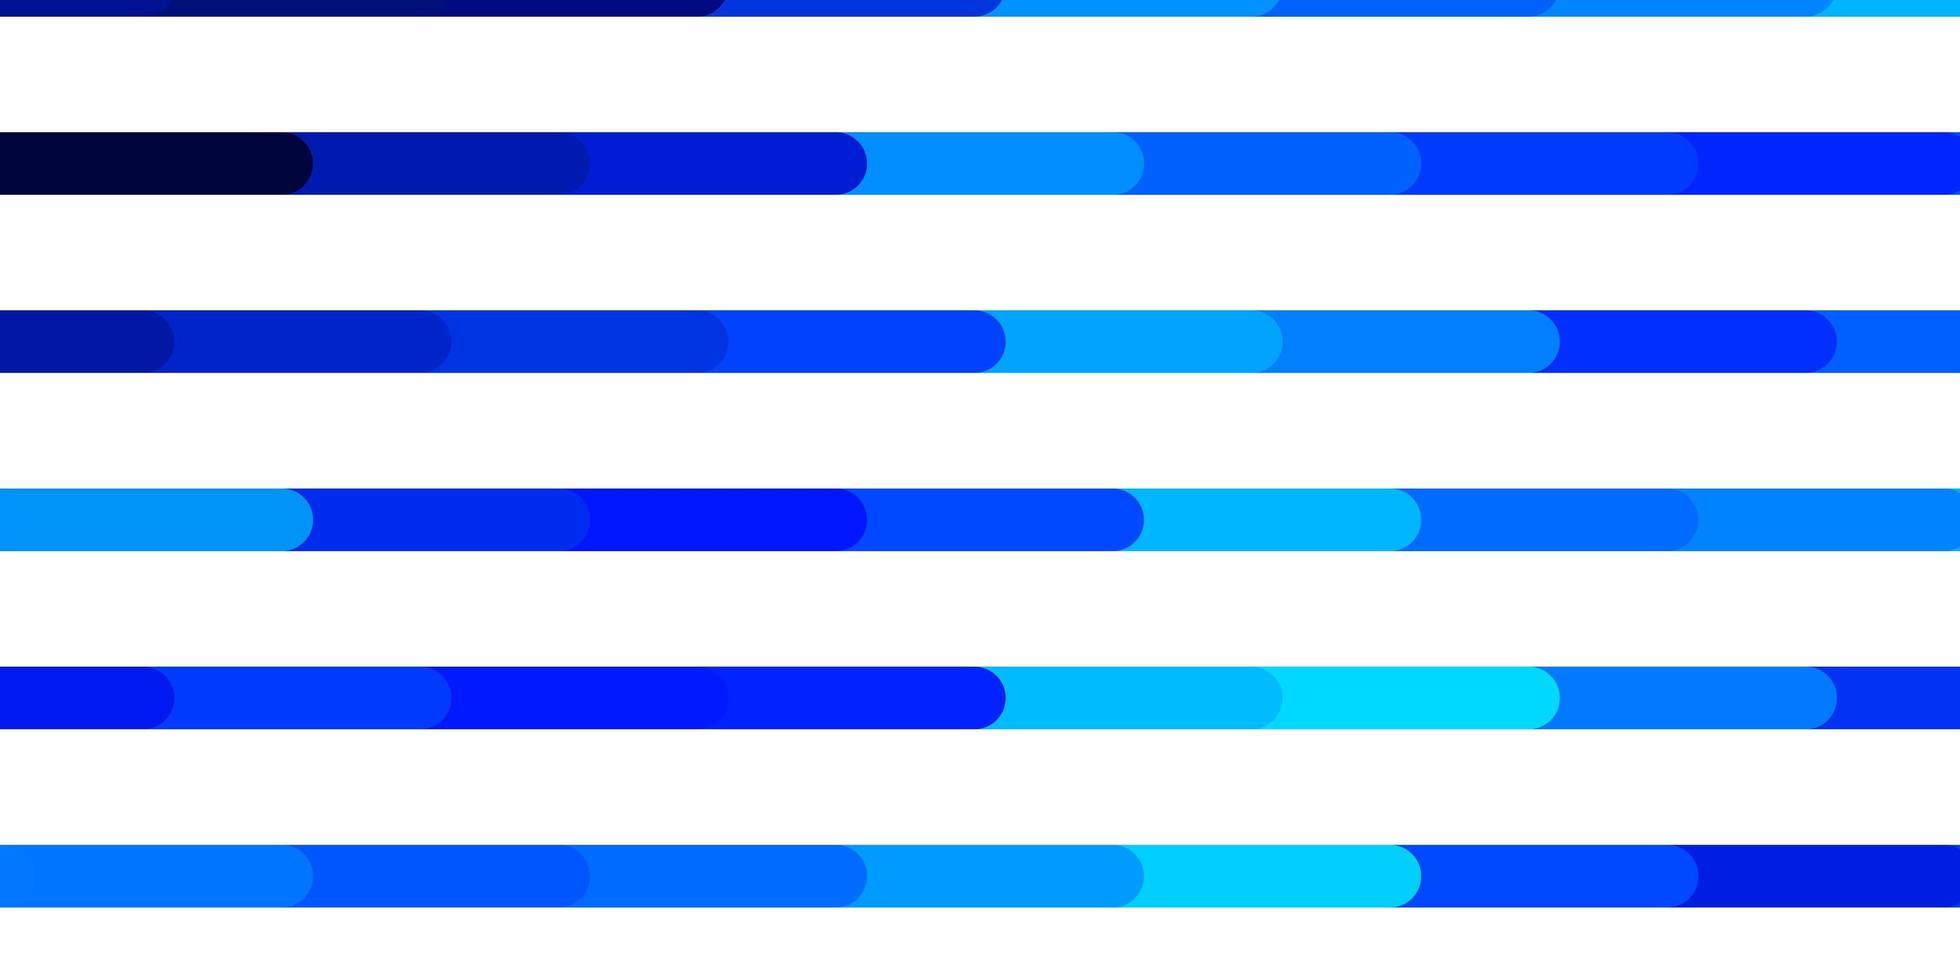 Telón de fondo de vector azul claro con líneas.